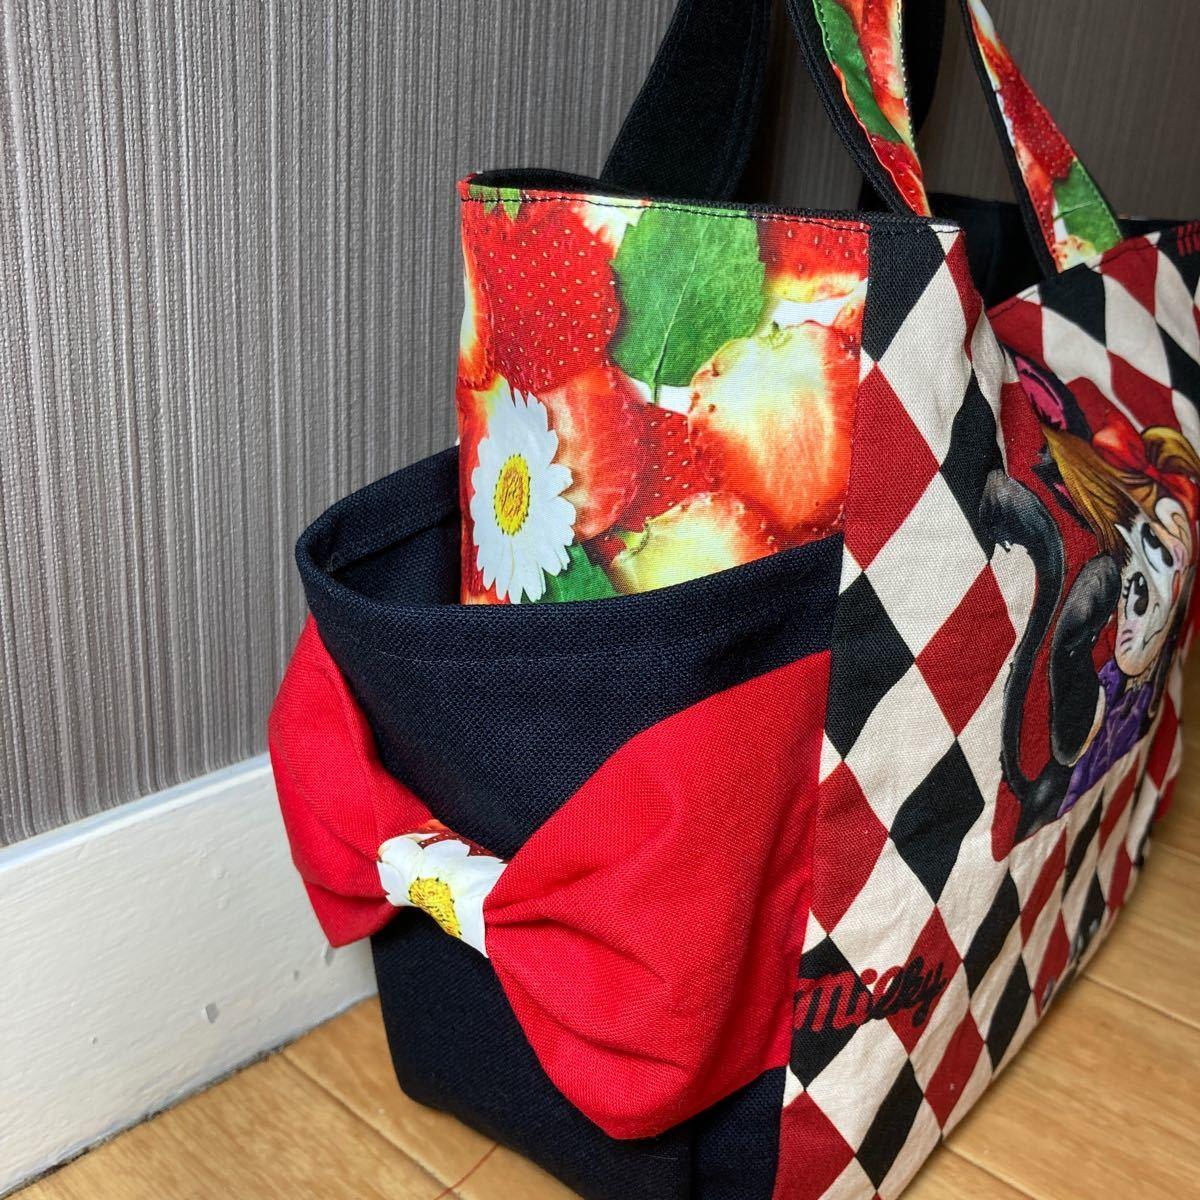 ペコちゃん トートバッグ サイドポケット 底板付き マグネットボタン 苺 イチゴ ハンドメイドトートバッグ サイドポケット